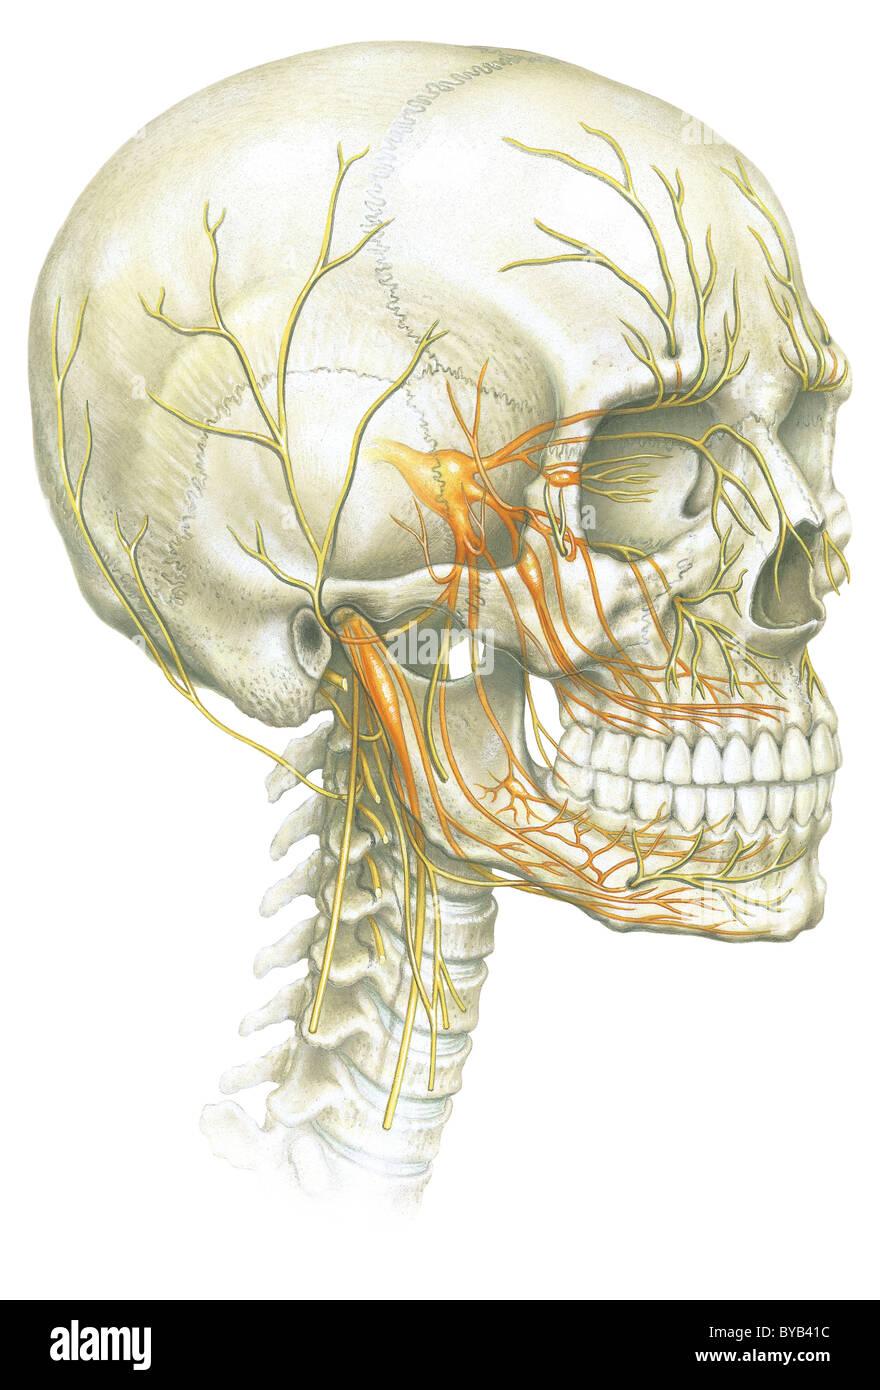 Eine Illustration des menschlichen Schädel und Nerven-Systems ...